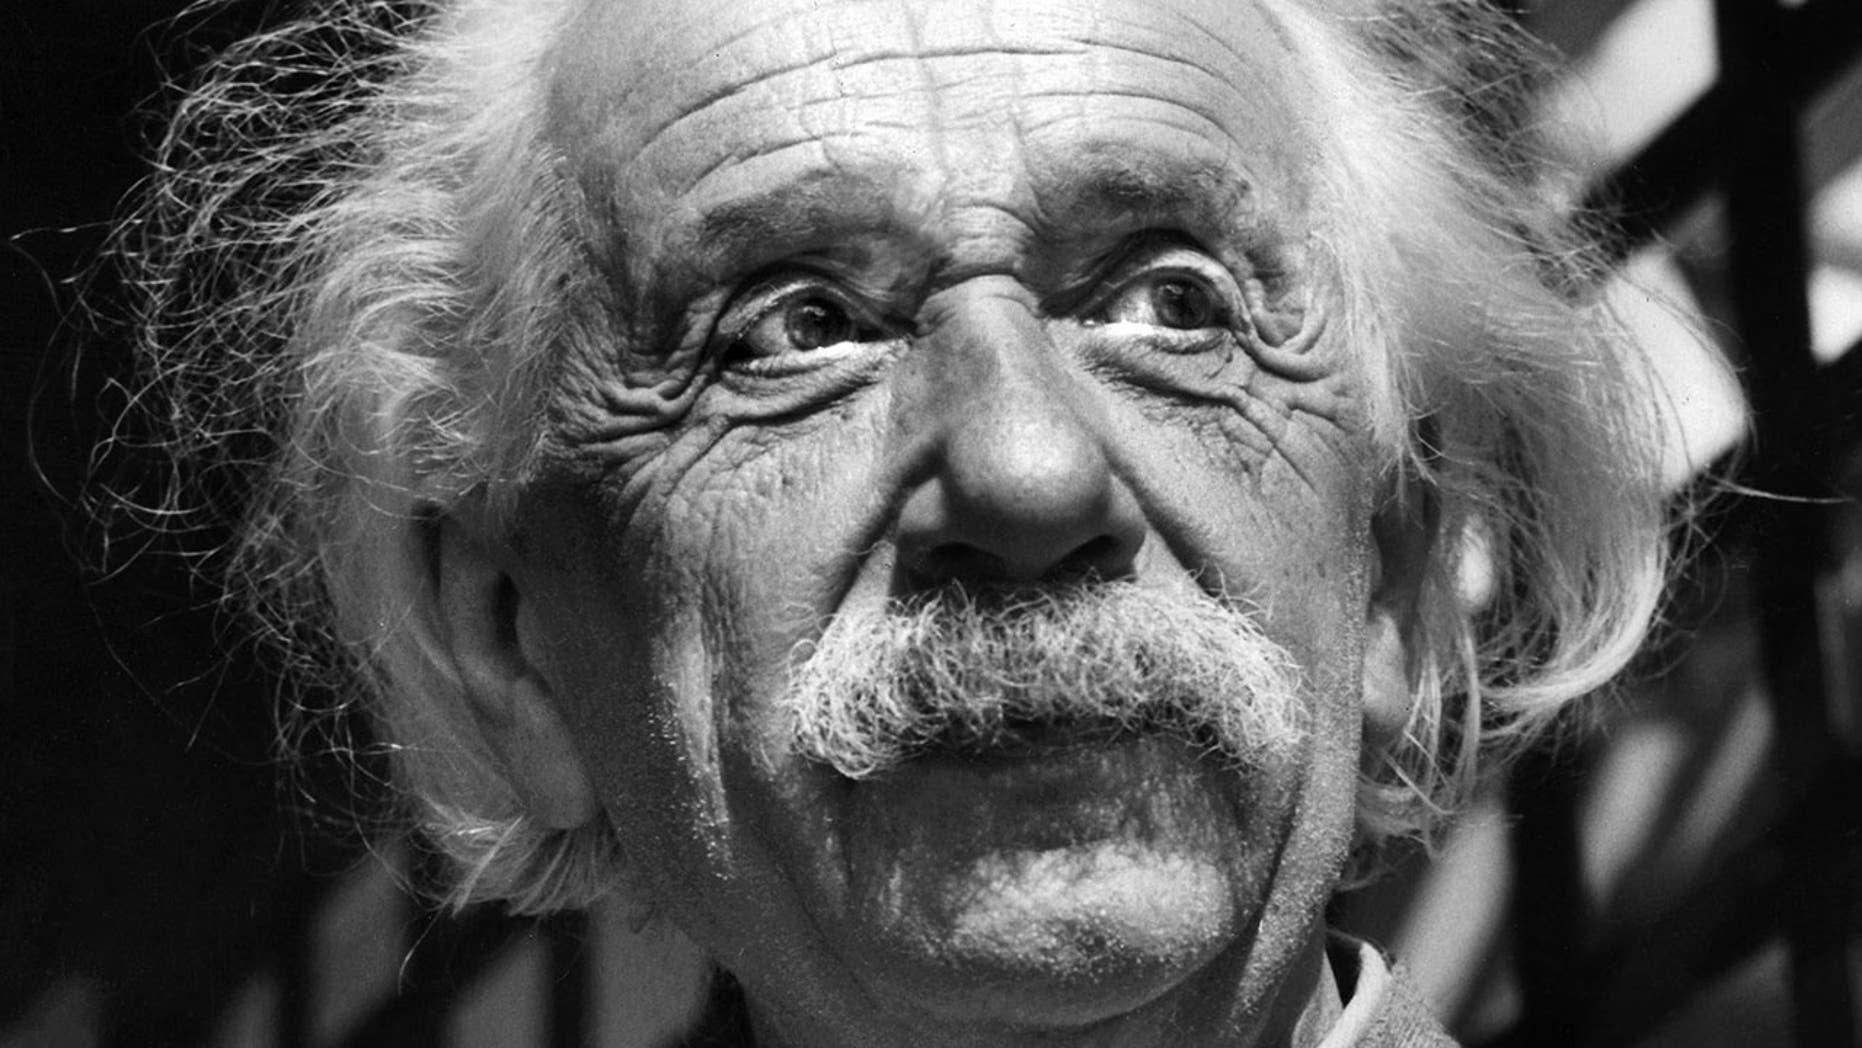 Einstein was born on March 14, 1879 in Ulm, Germany.